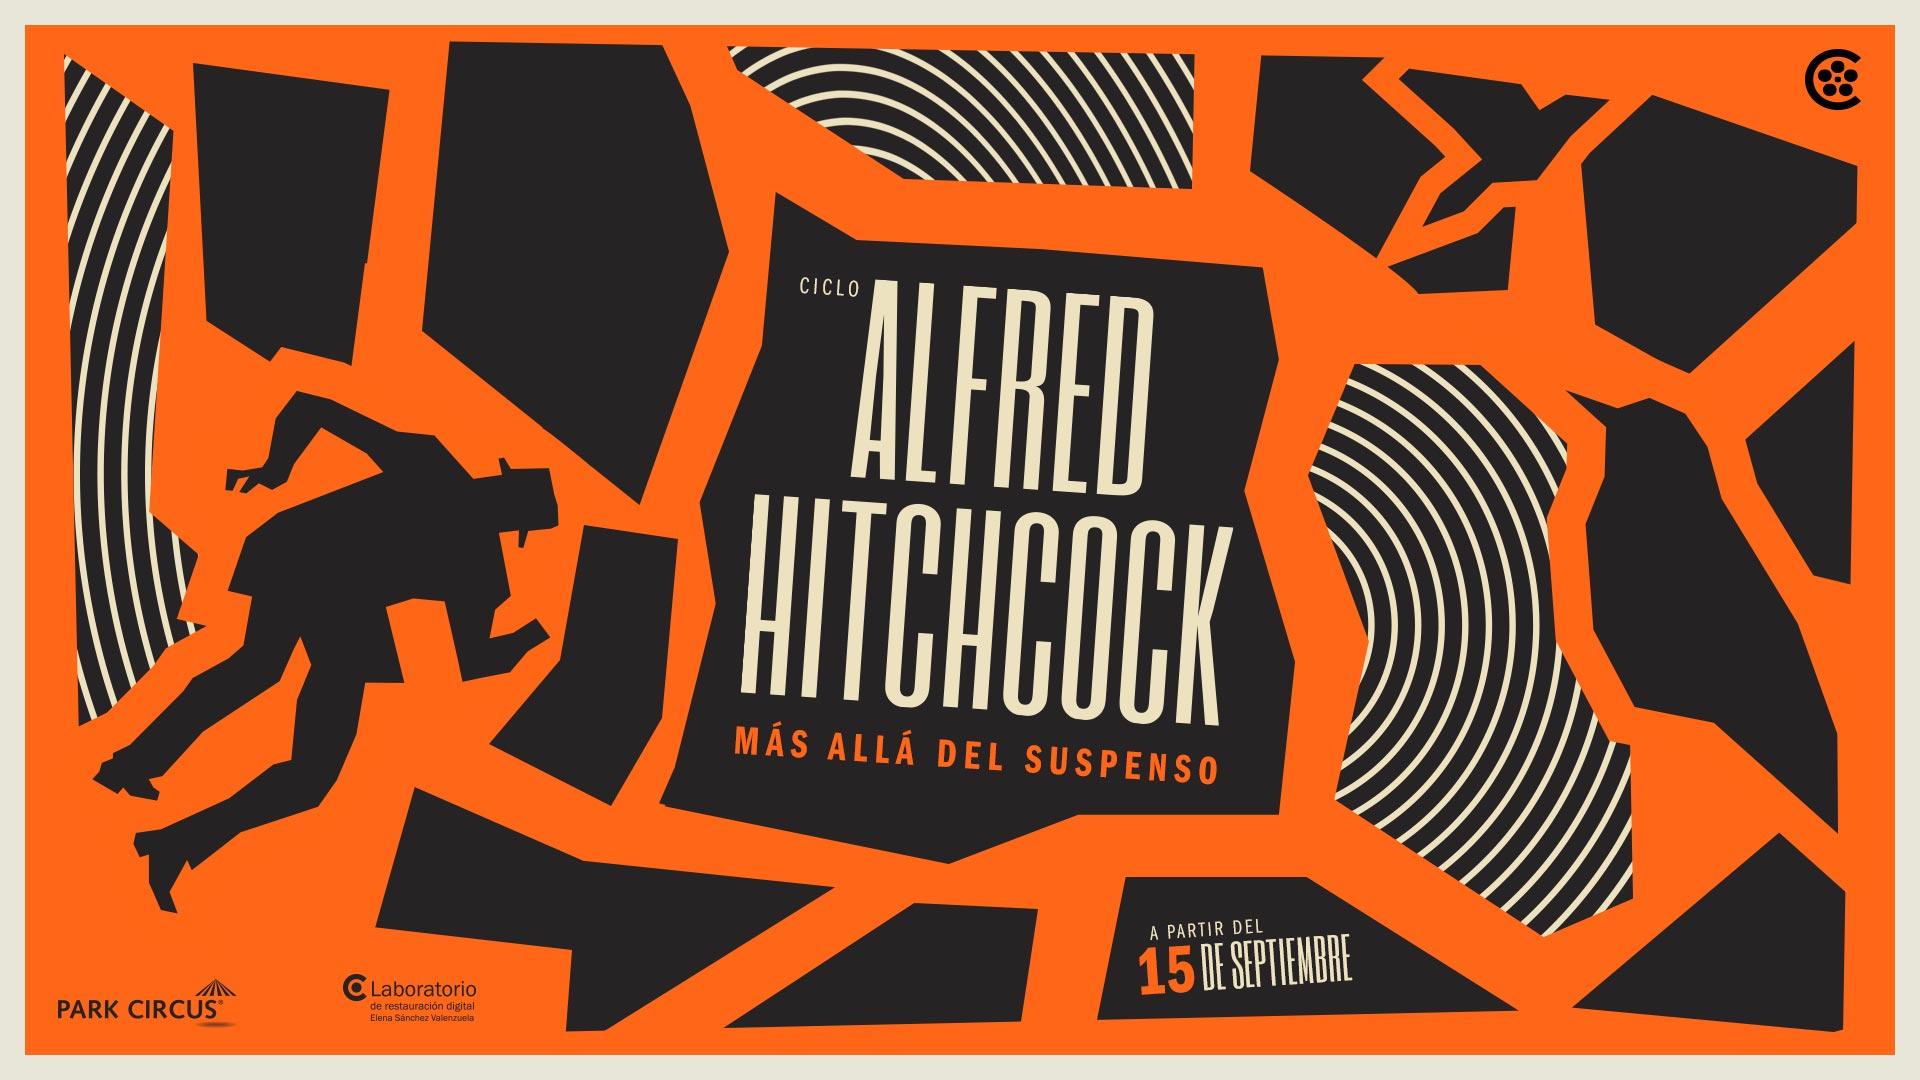 AlfredHitchcock-_Pantalla